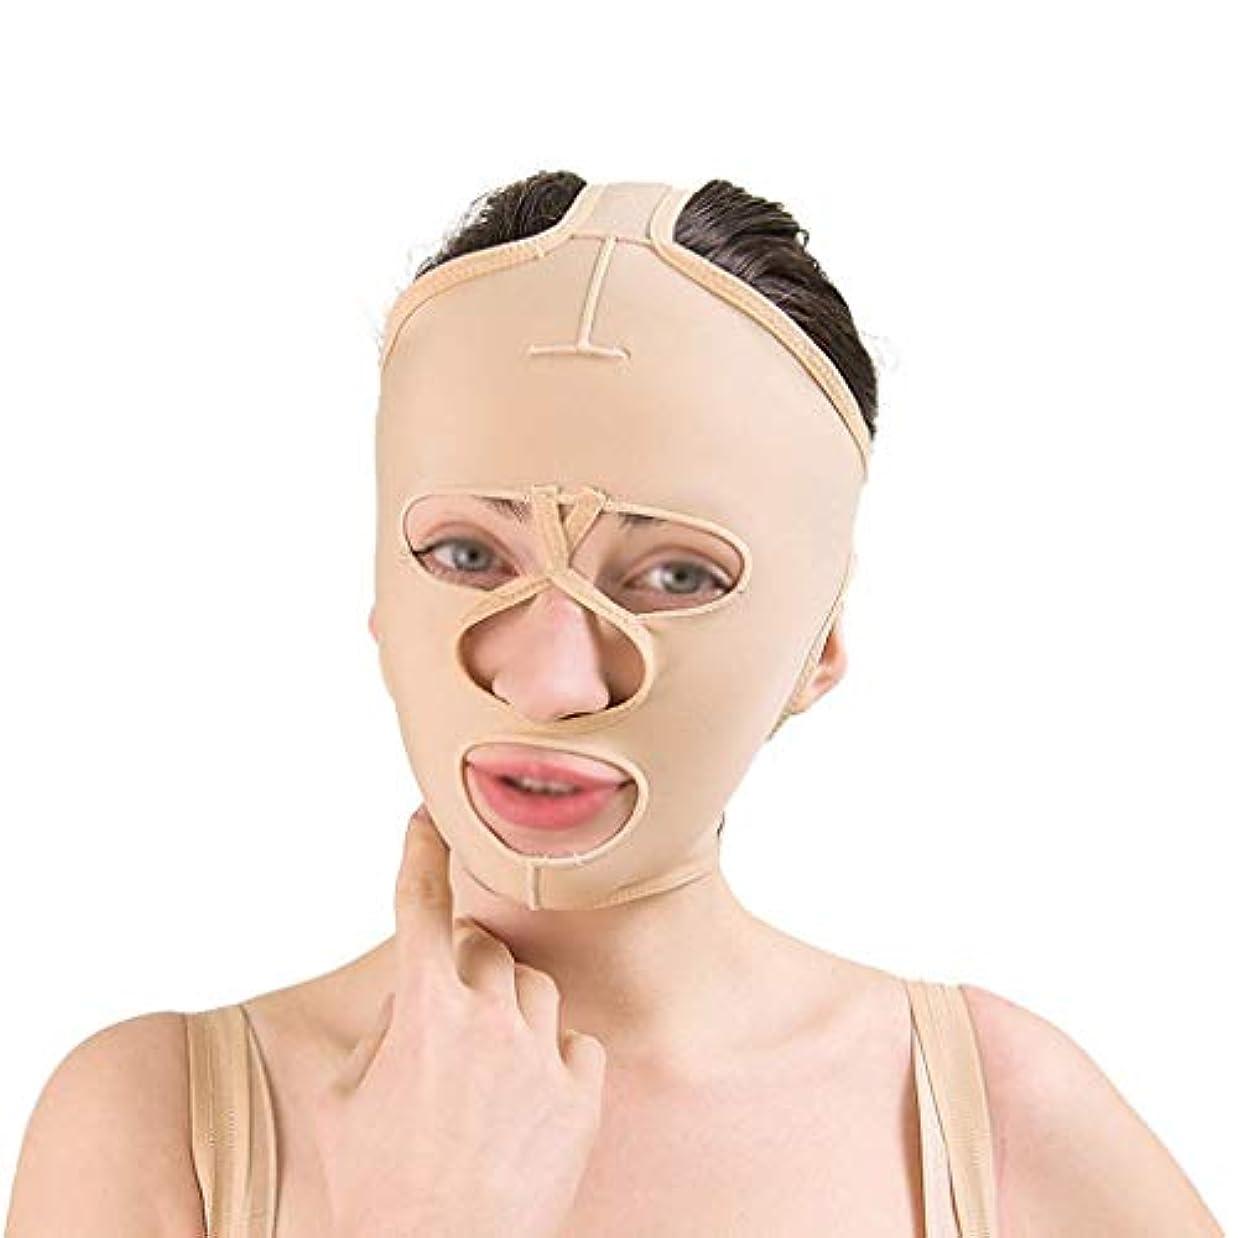 通路夜太鼓腹フェイシャルリフティングツール、フェイシャルビューティーリフティングマスク、通気性引き締めリフティングフェイシャル包帯、フェイシャルタイトバンデージ(サイズ:L),XL